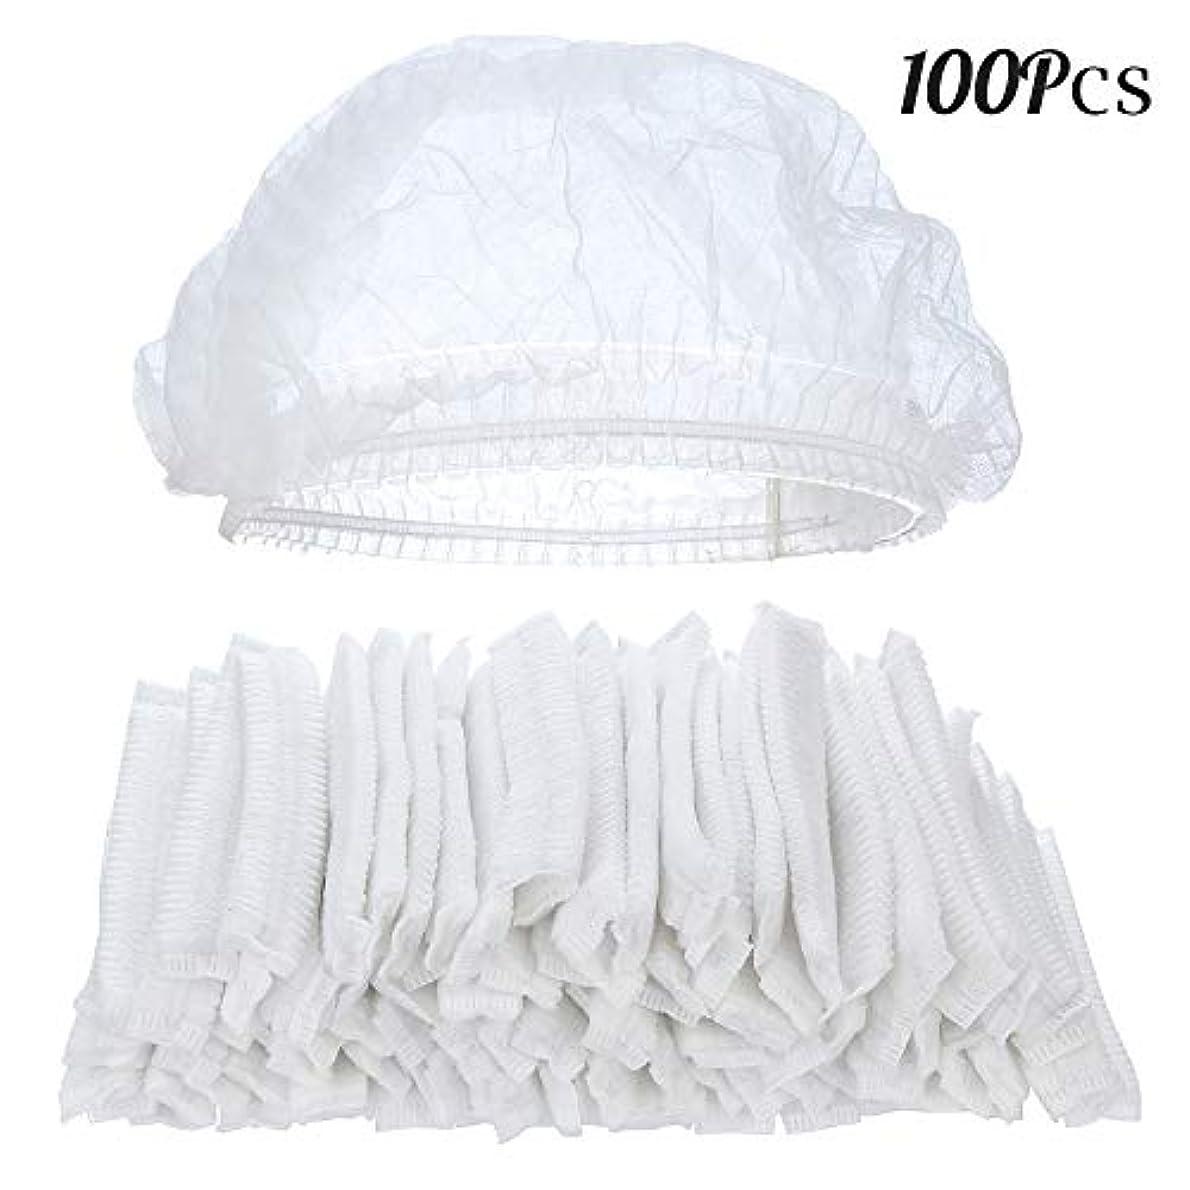 文字深く最小100ピースクリア使い捨てプラスチックシャワーキャップ大きな弾性厚いバスキャップ用女性スパ、家庭用、ホテルおよび美容院